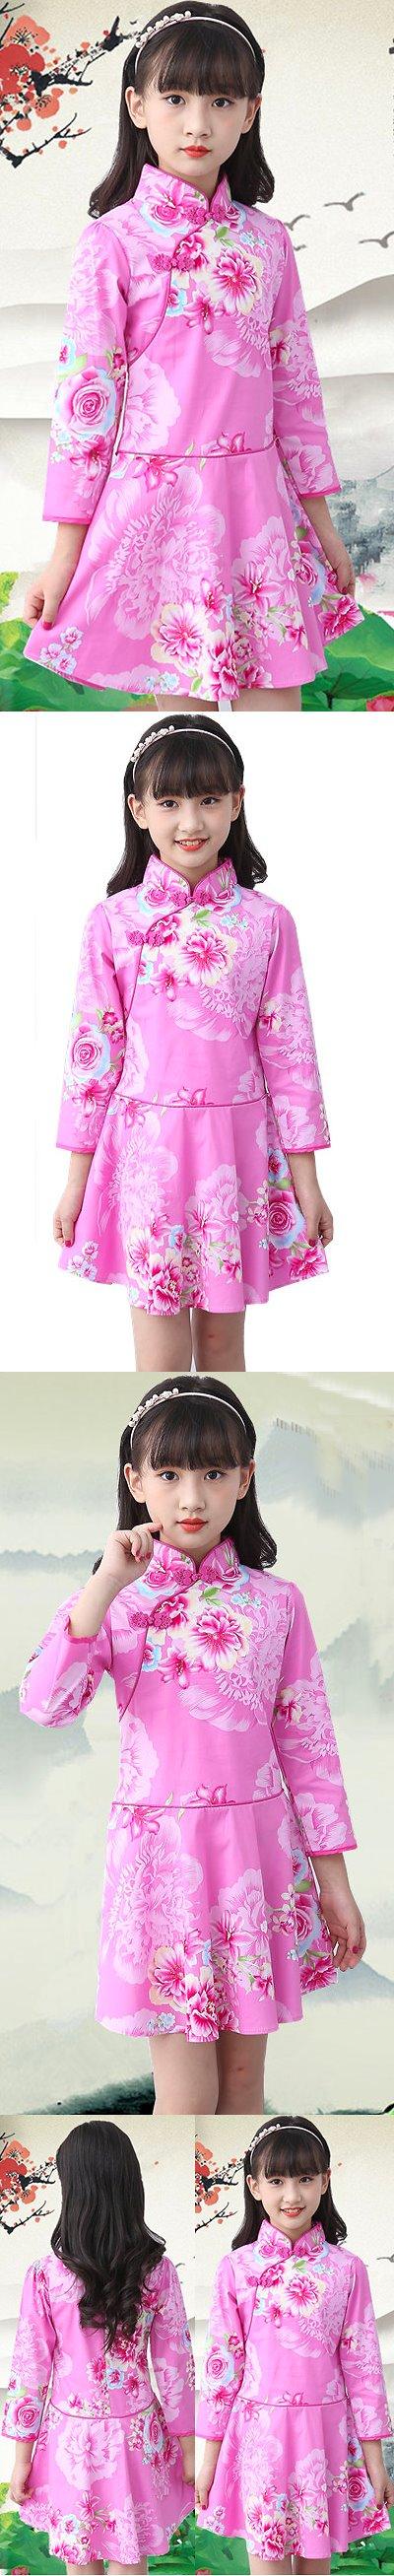 Girl's Long-sleeve Floral Cheongsam Dress (RM)